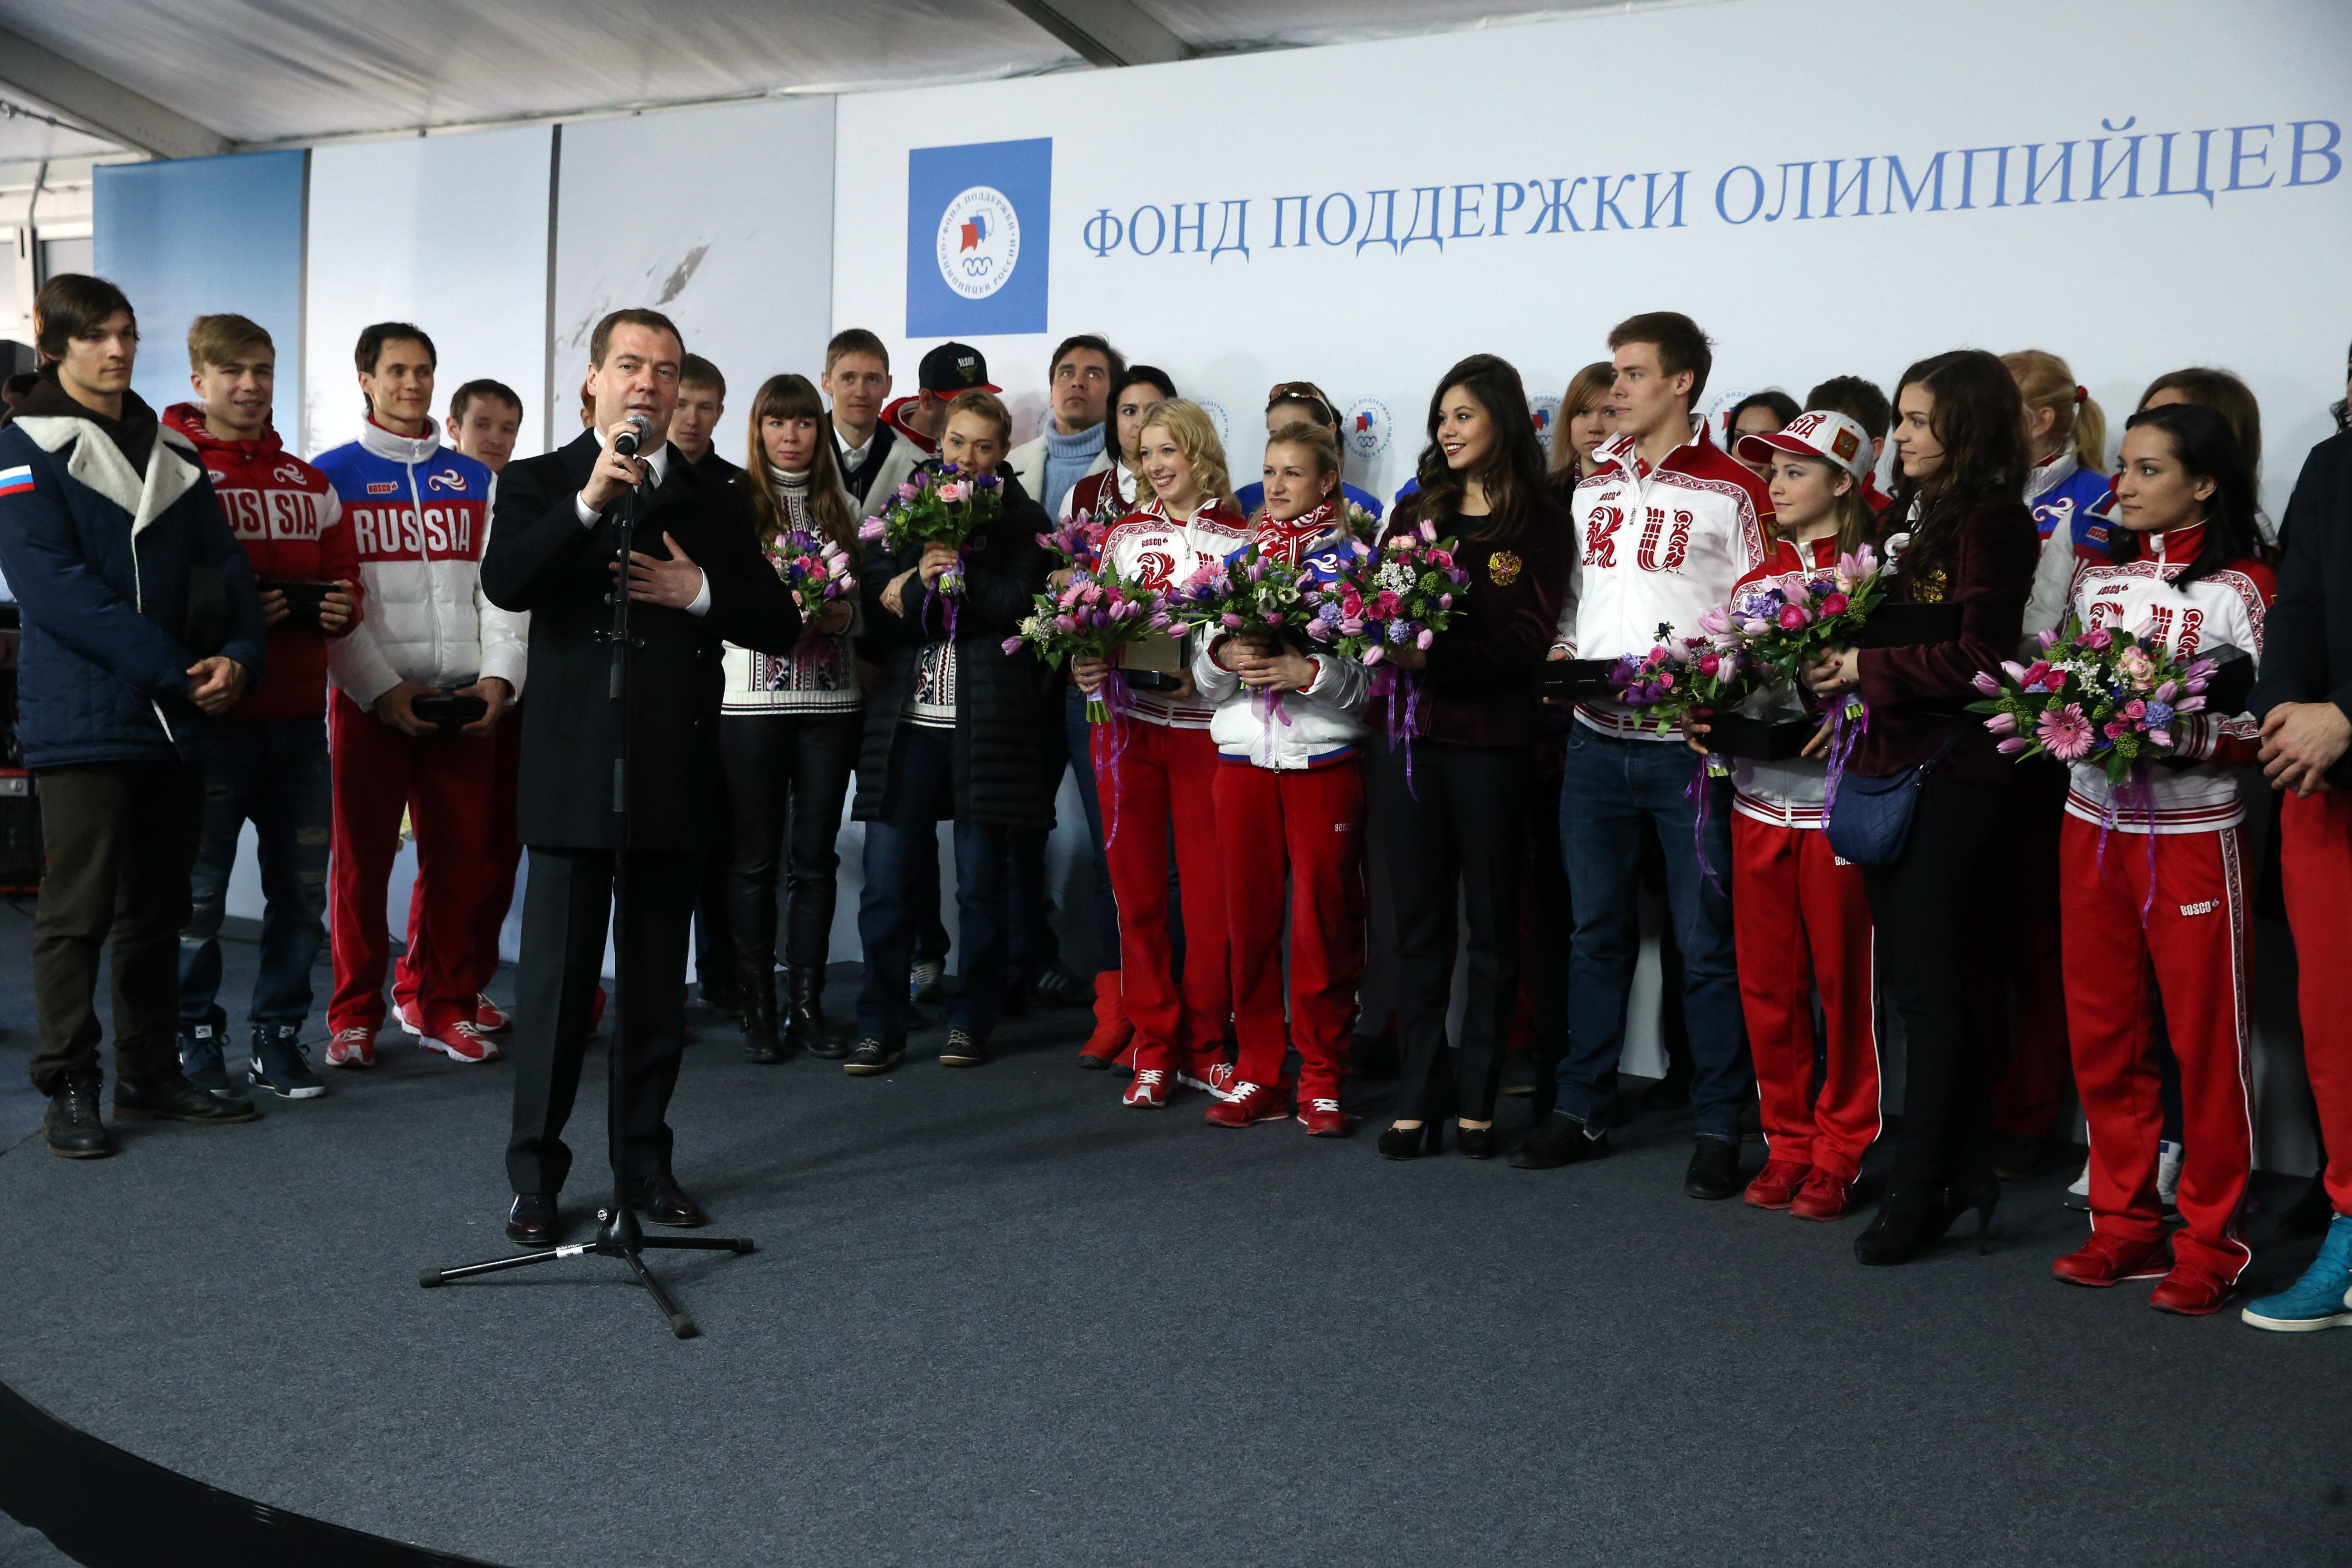 Дмитрий Медведев на Красной площади во время церемонии вручения Фондом поддержки олимпийцев России автомобилей победителям и призерам ХХII Олимпийских зимних игр 2014 года в Сочи